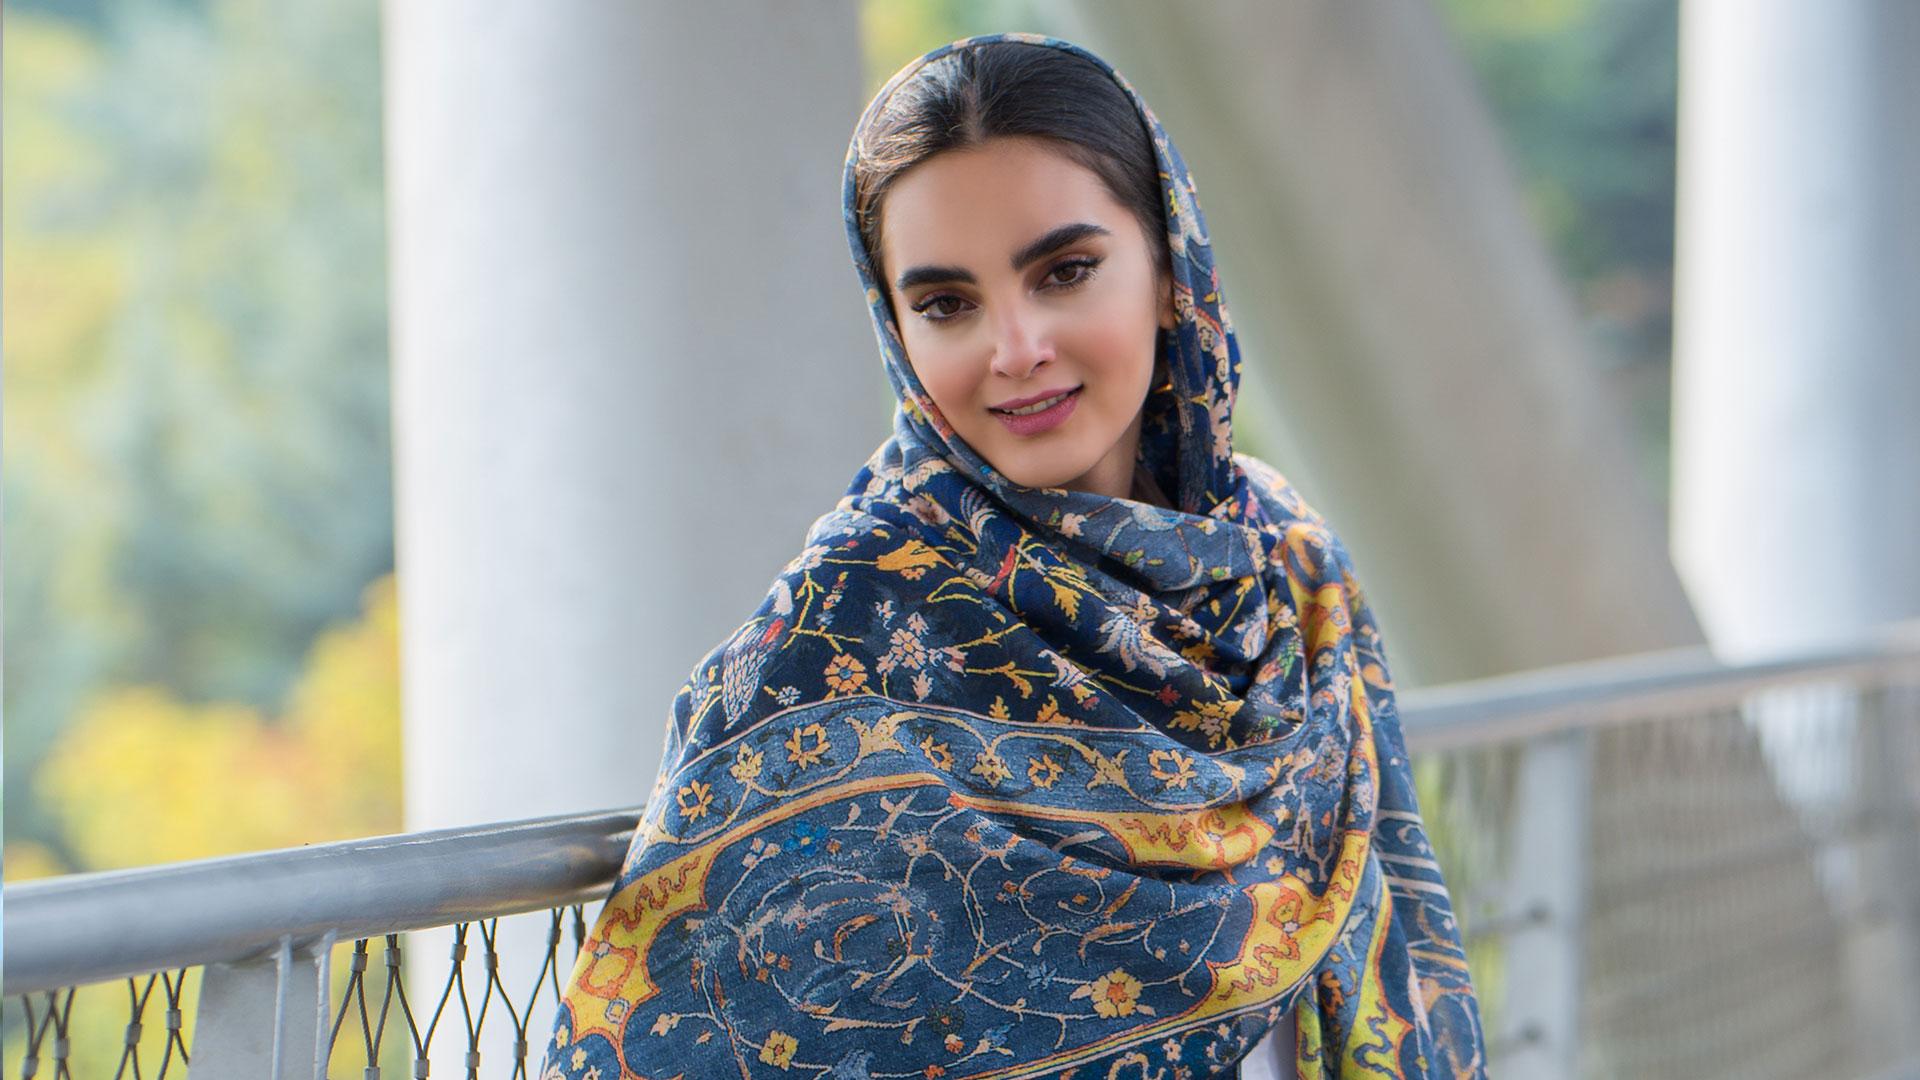 فاکتورهای مهم در انتخاب مدل بستن شال و روسری